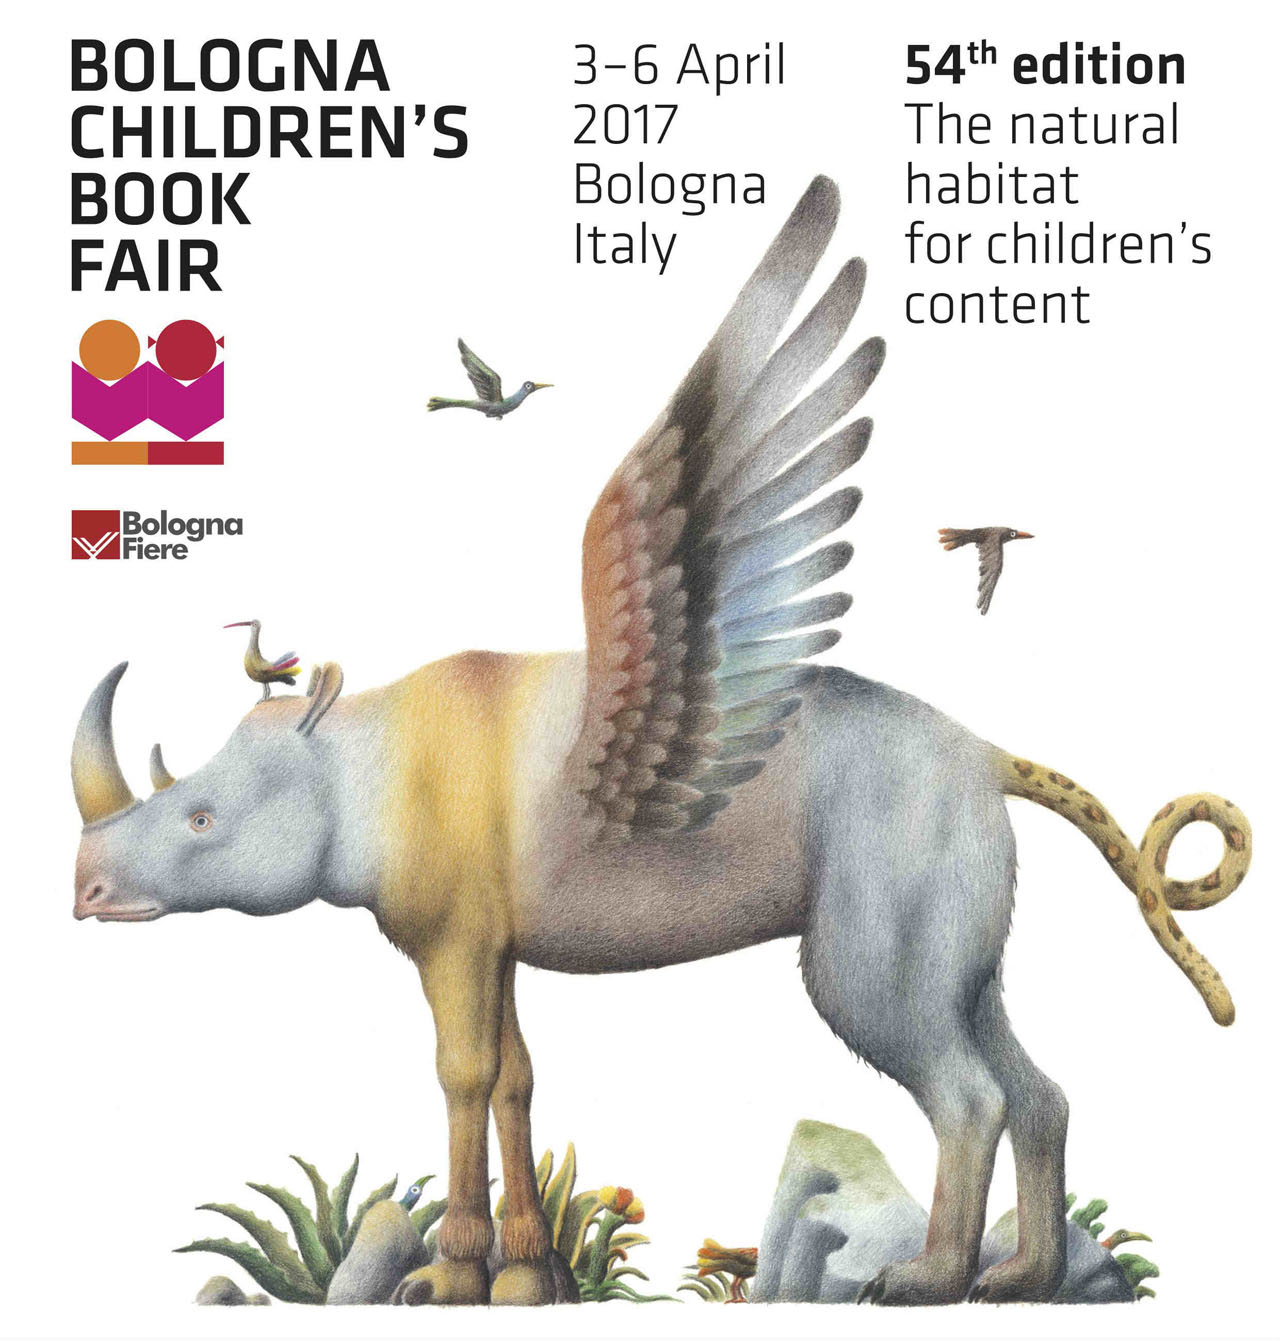 Bologna-Childrens-Book-Fair-1